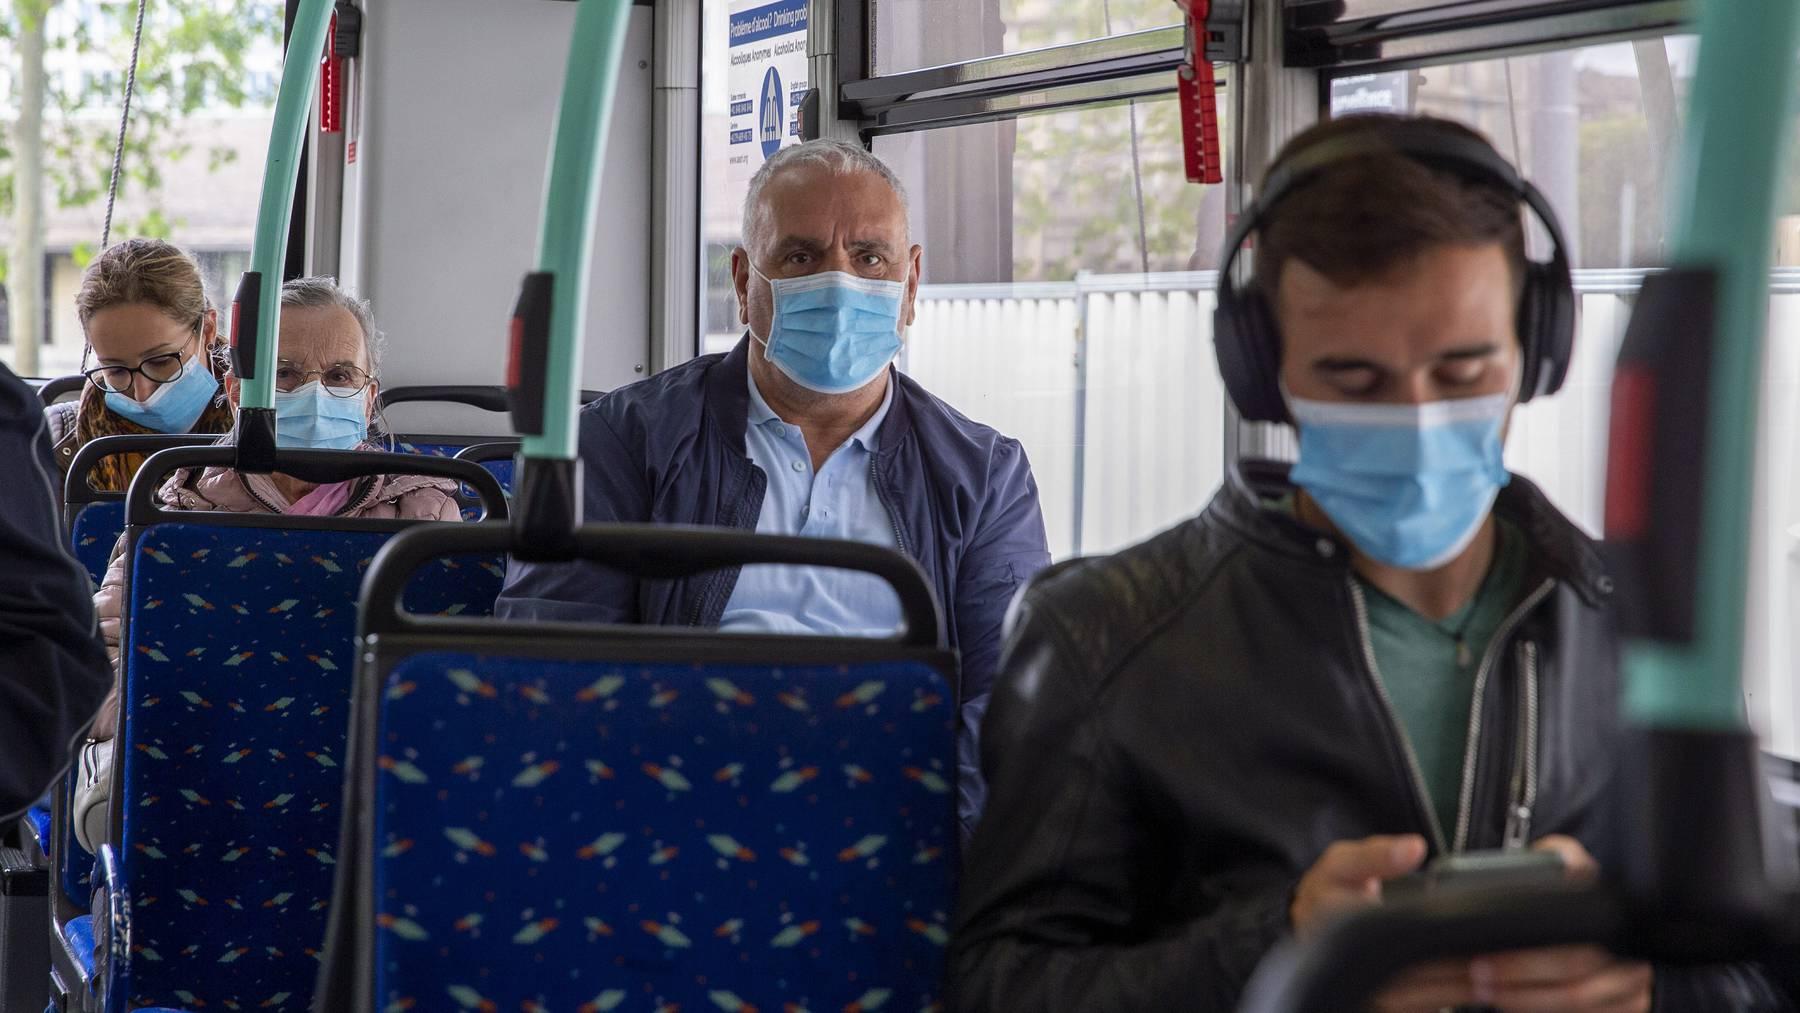 Masken im öV gehen bei armen Familien schnell ins Geld.